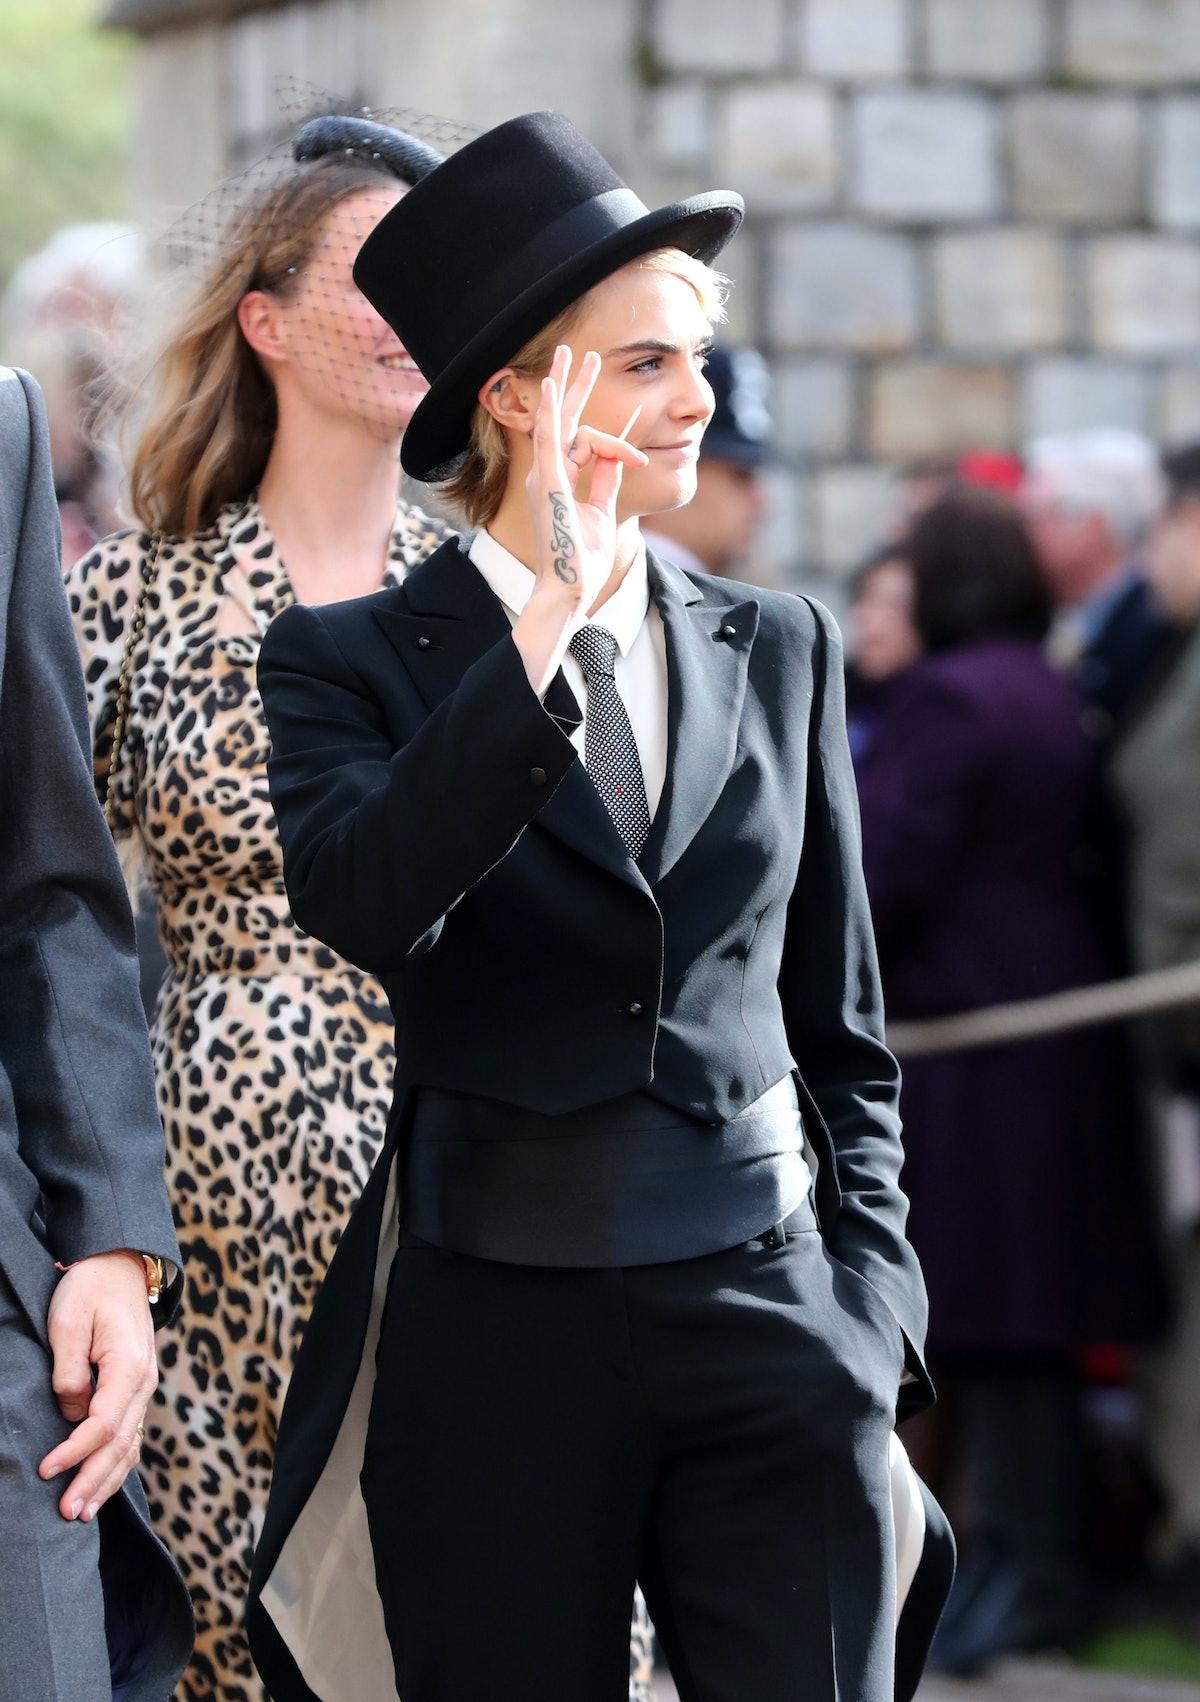 Cara Delevingne Bold Royal Wedding Look 3